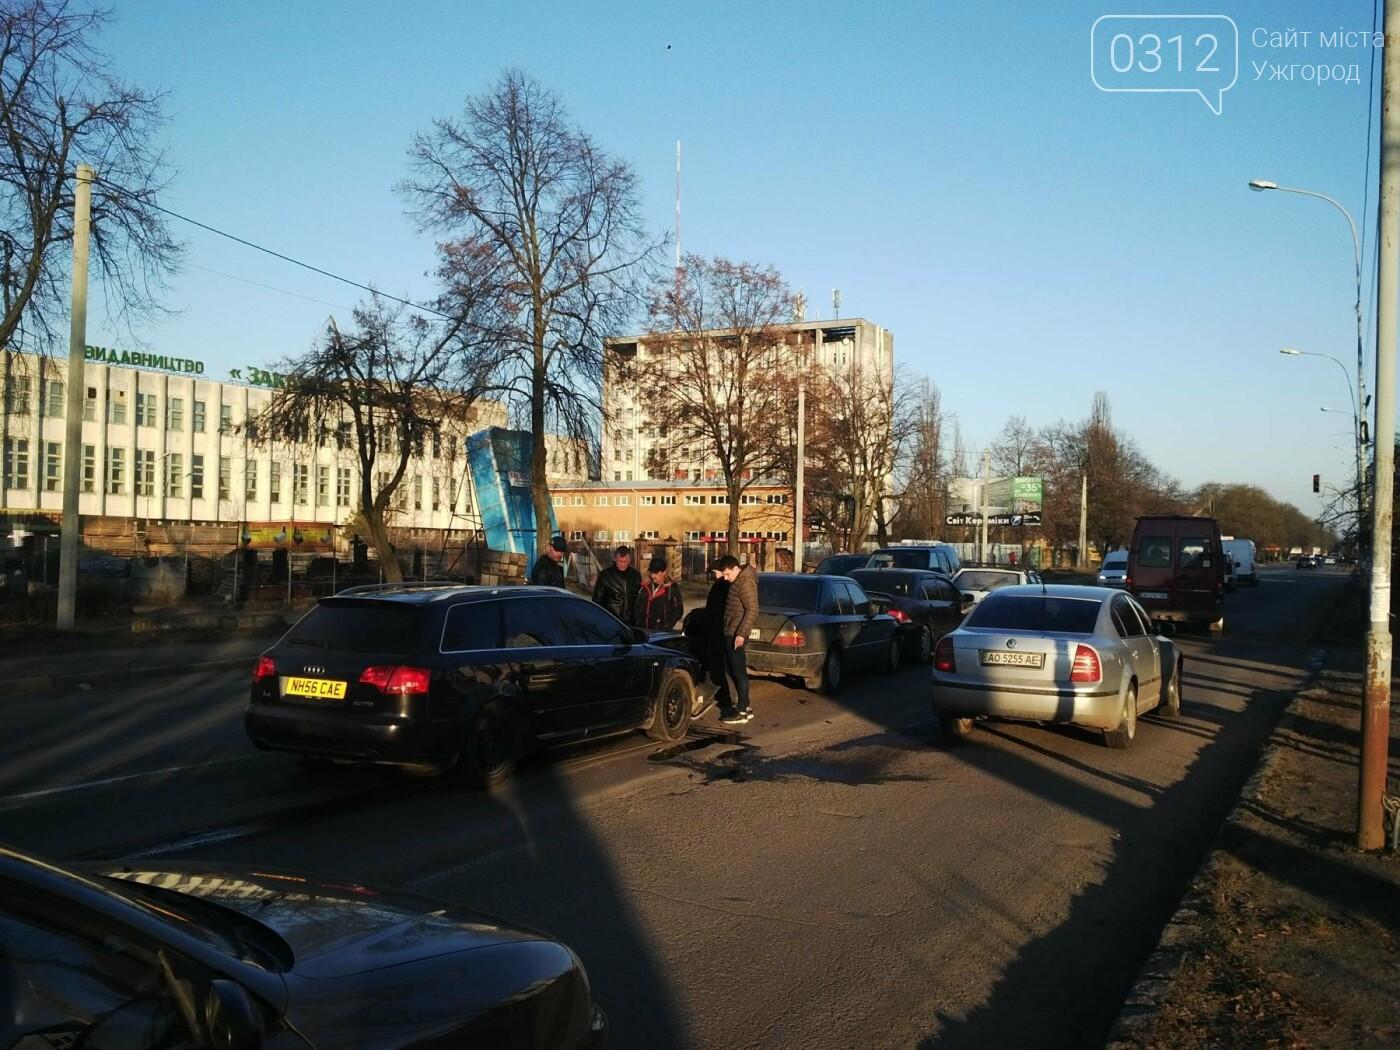 """В Ужгороді на Гагаріна аварія за участі 4-ох авто: зіткнулися """"Ауді"""", """"Мерседес"""", """"Мітсубісі"""" і """"ВАЗ"""" (ФОТО), фото-2"""